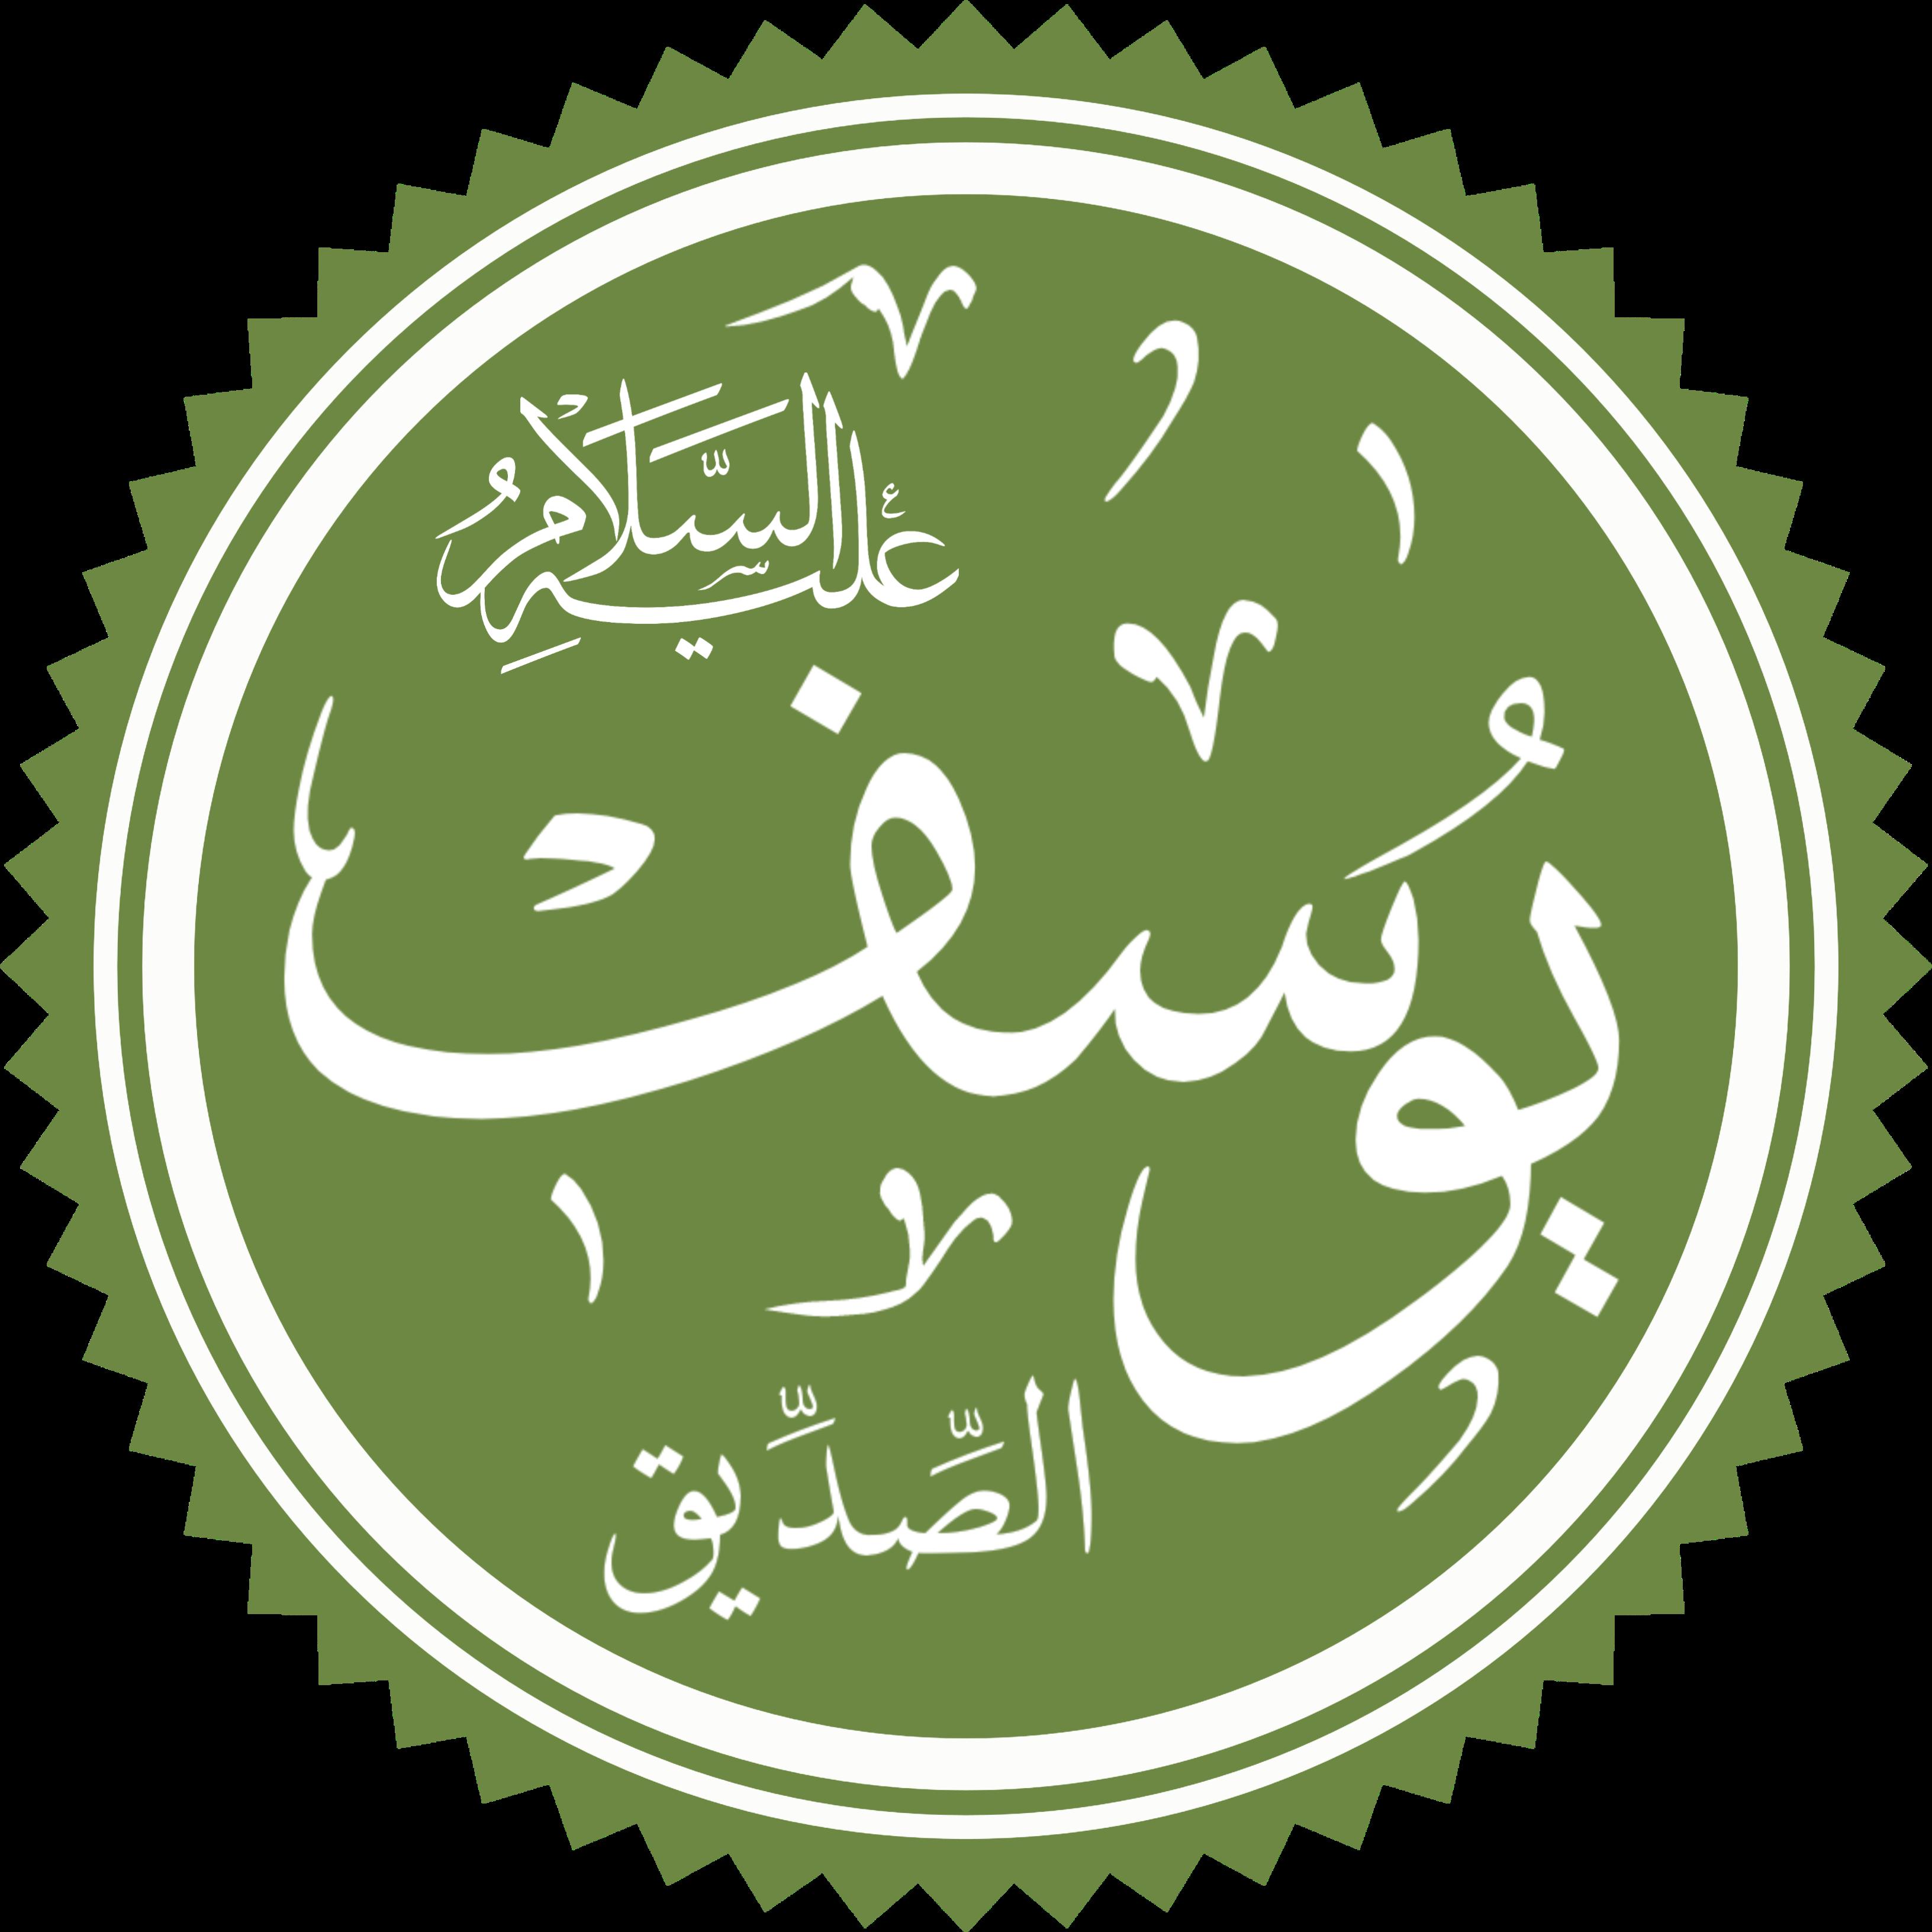 سورة يوسف مقطع من مسلسل يوسف الصديق ع